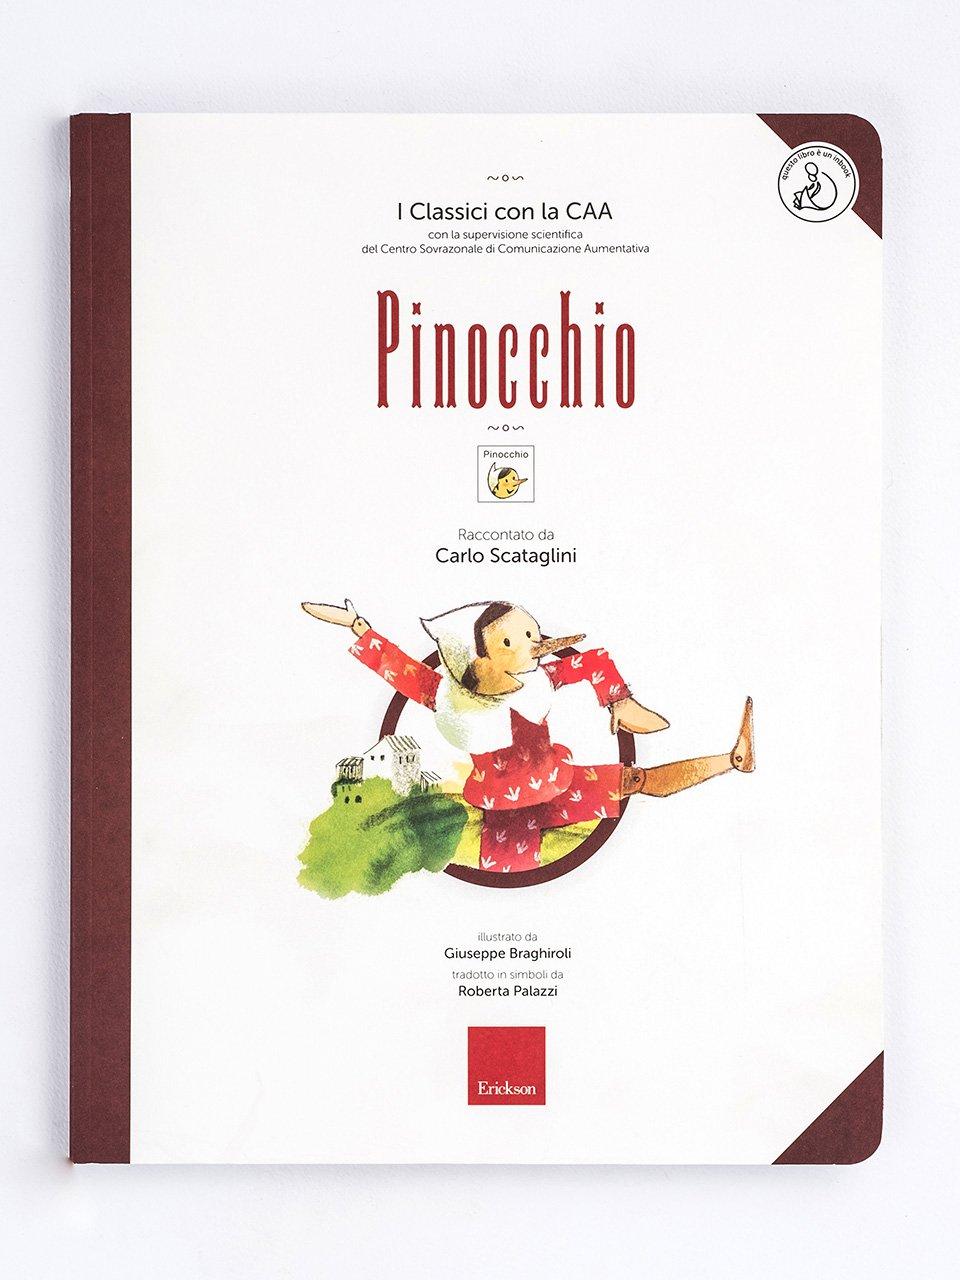 I Classici con la CAA - Pinocchio - Libri - Erickson